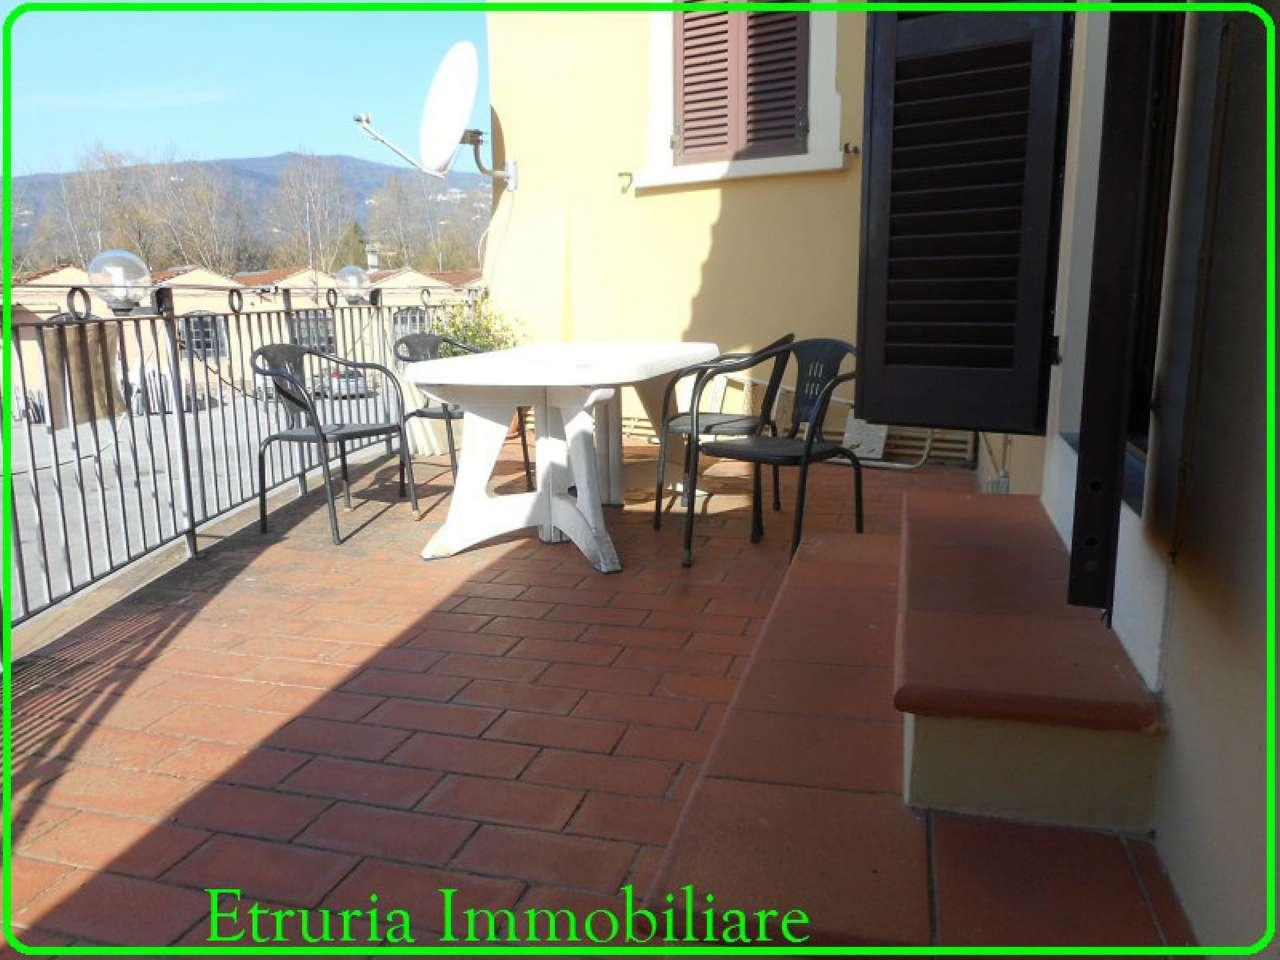 Soluzione Indipendente in vendita a Pistoia, 2 locali, prezzo € 100.000 | CambioCasa.it